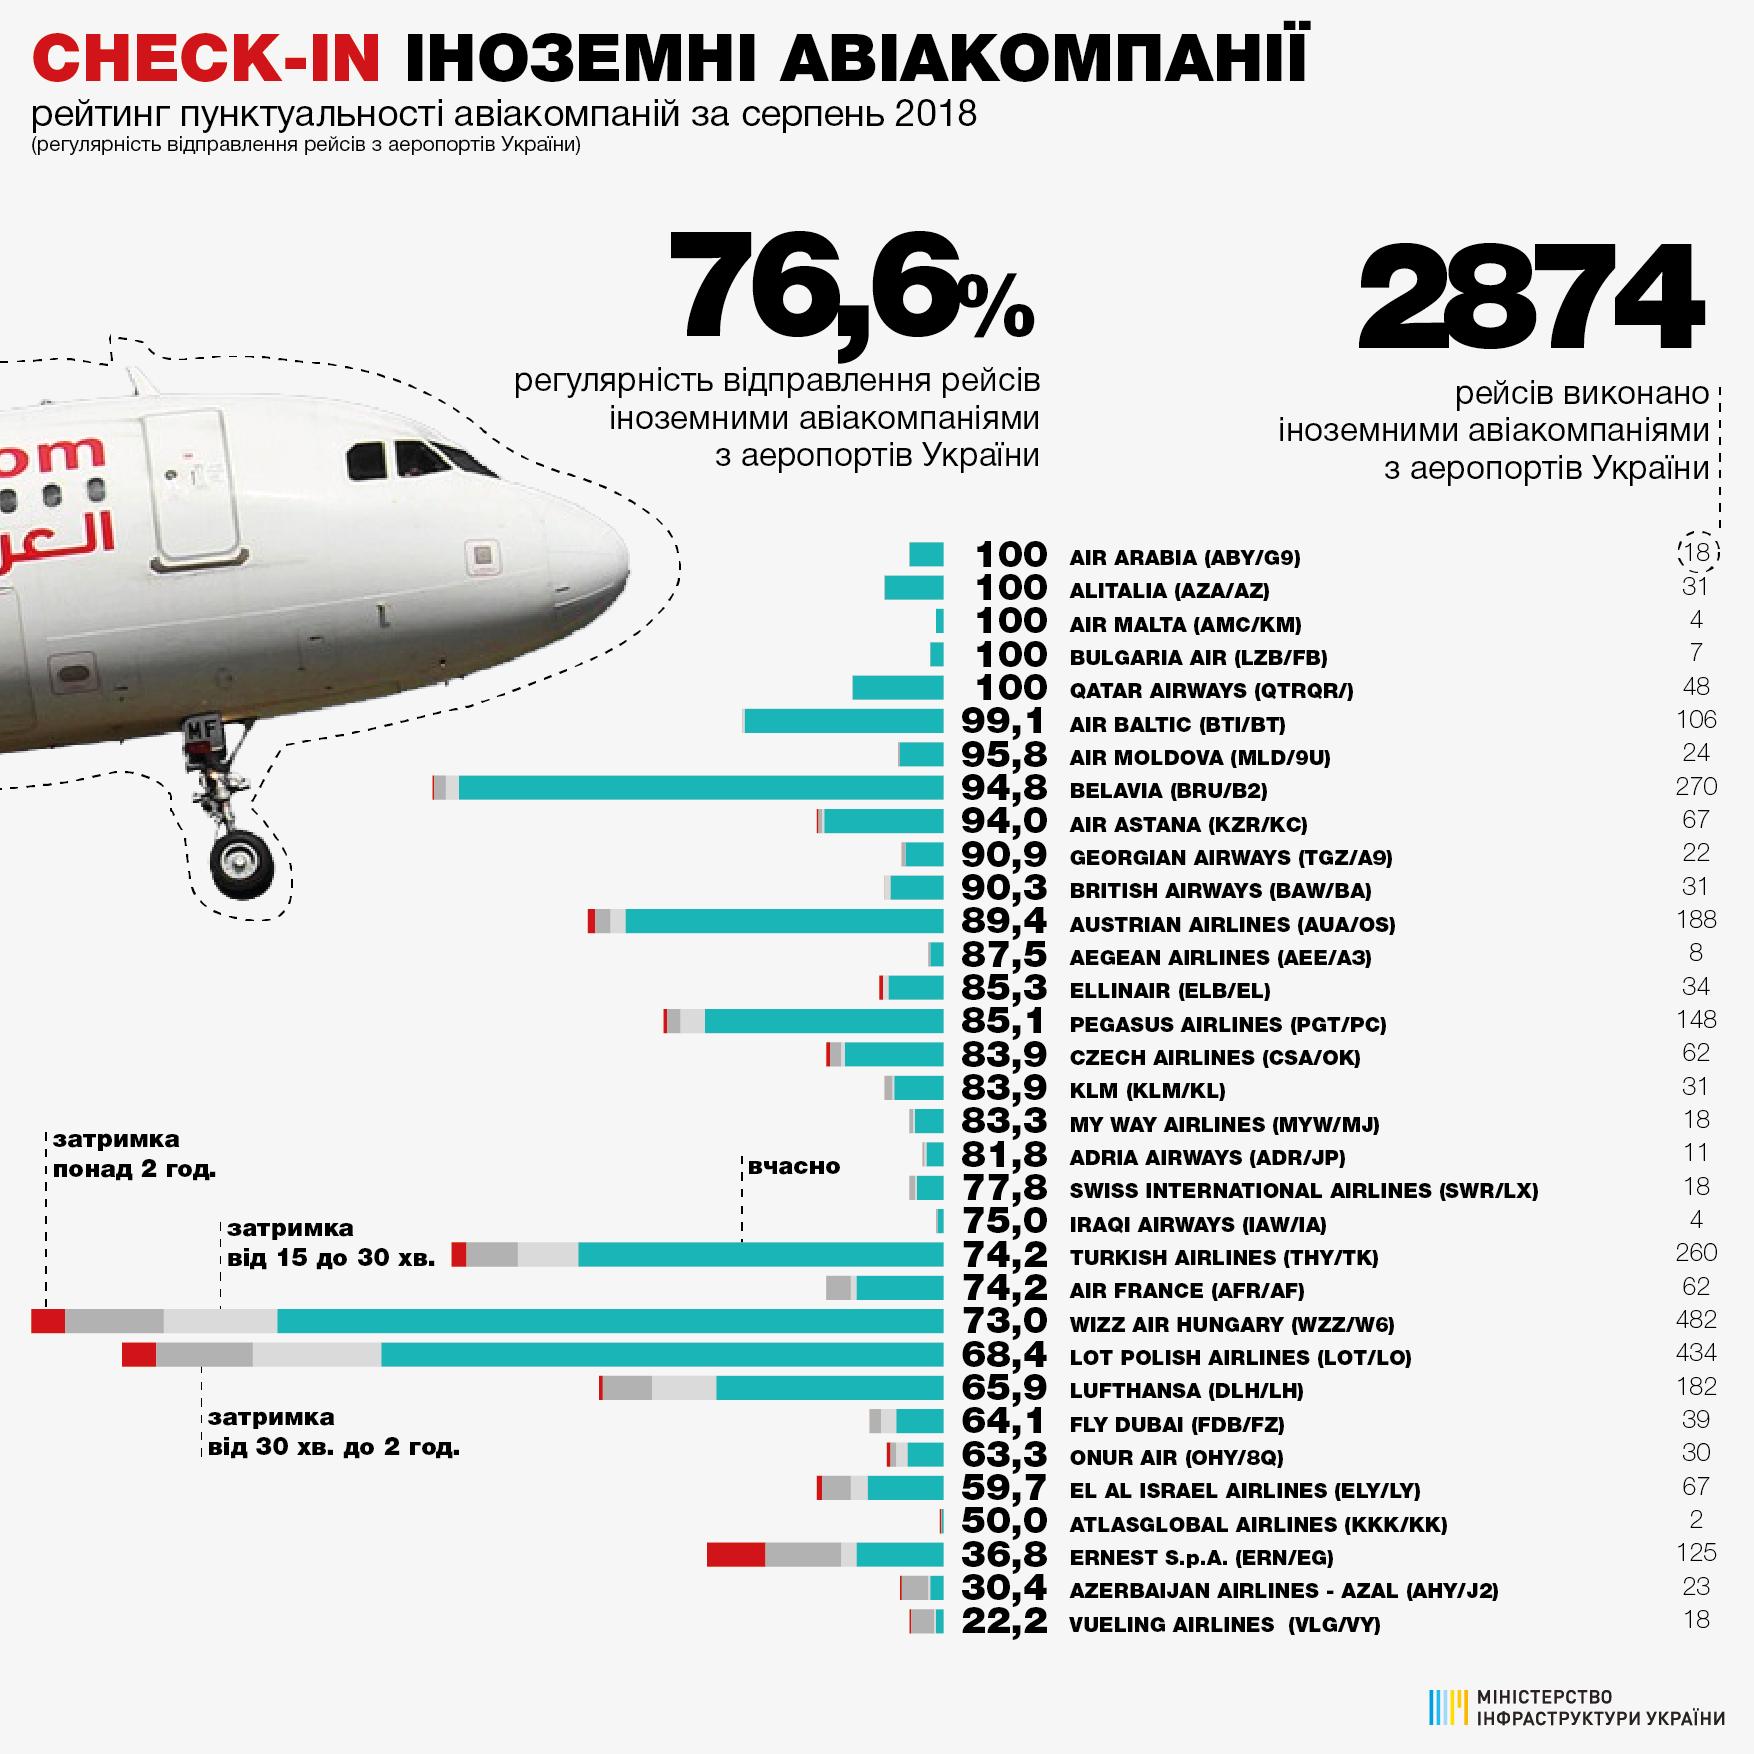 Рейтинг пунктуальности иностранных авиакомпаний при вылете из аэропортов Украины в августе 2018 года